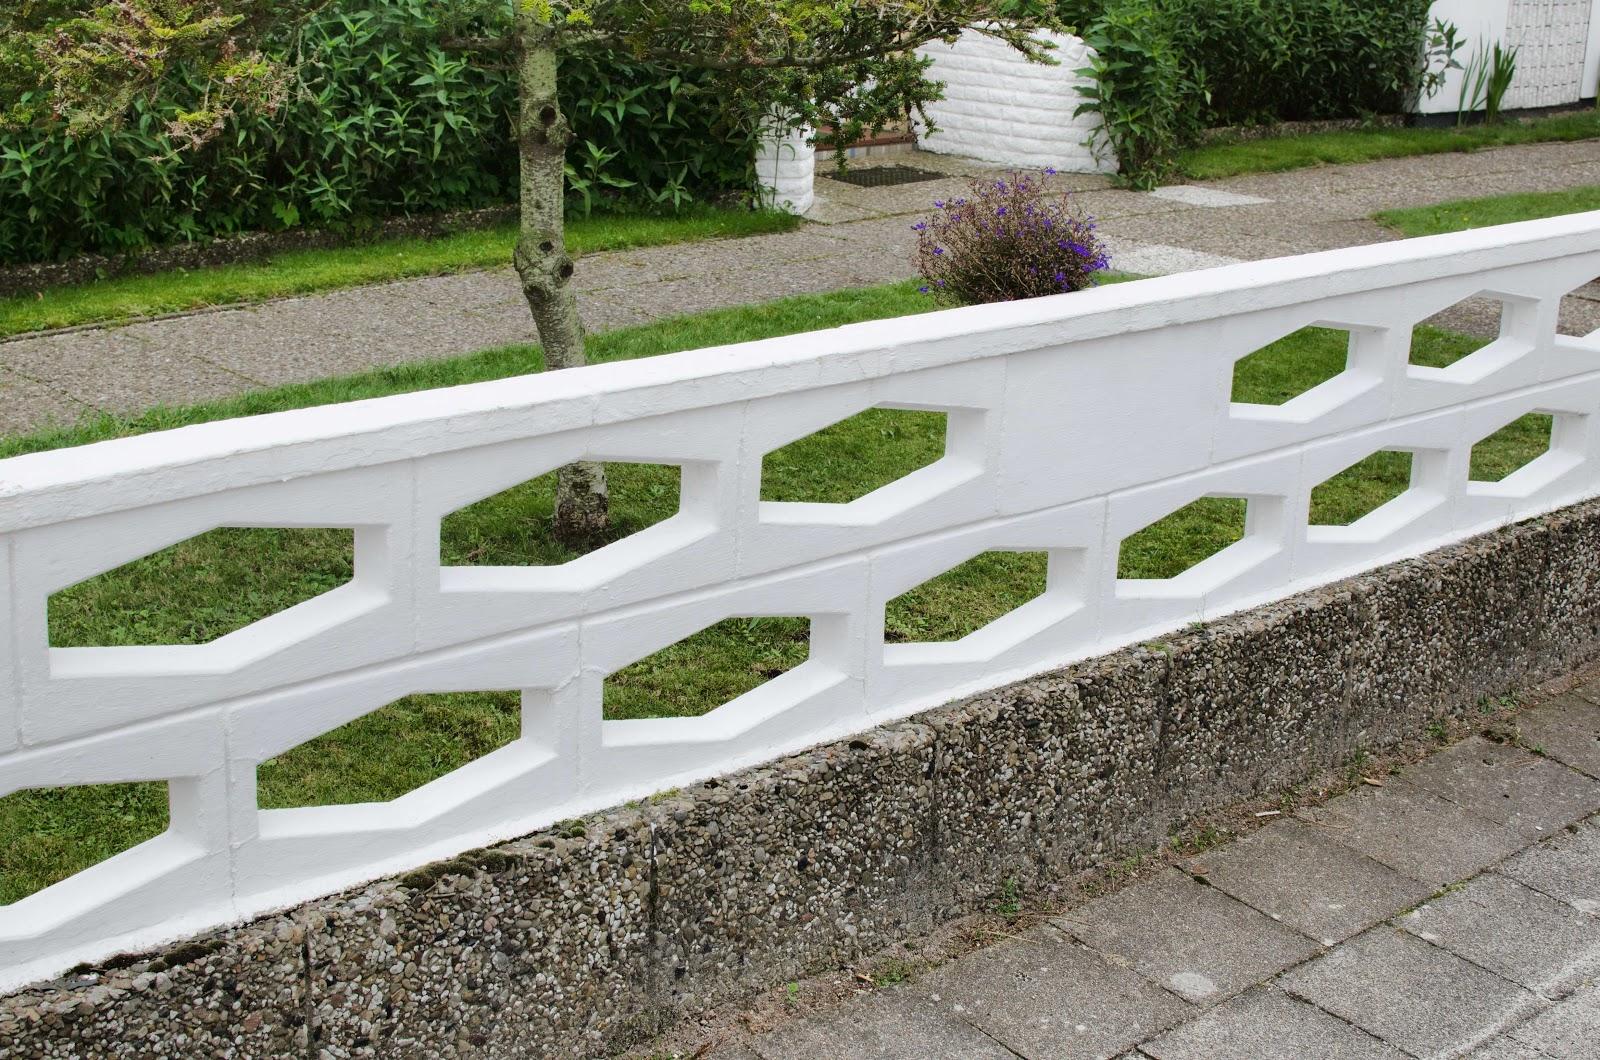 Deutscher zaun 0021 zaun stein norddeutschland 2015 for Gartenzaun stein